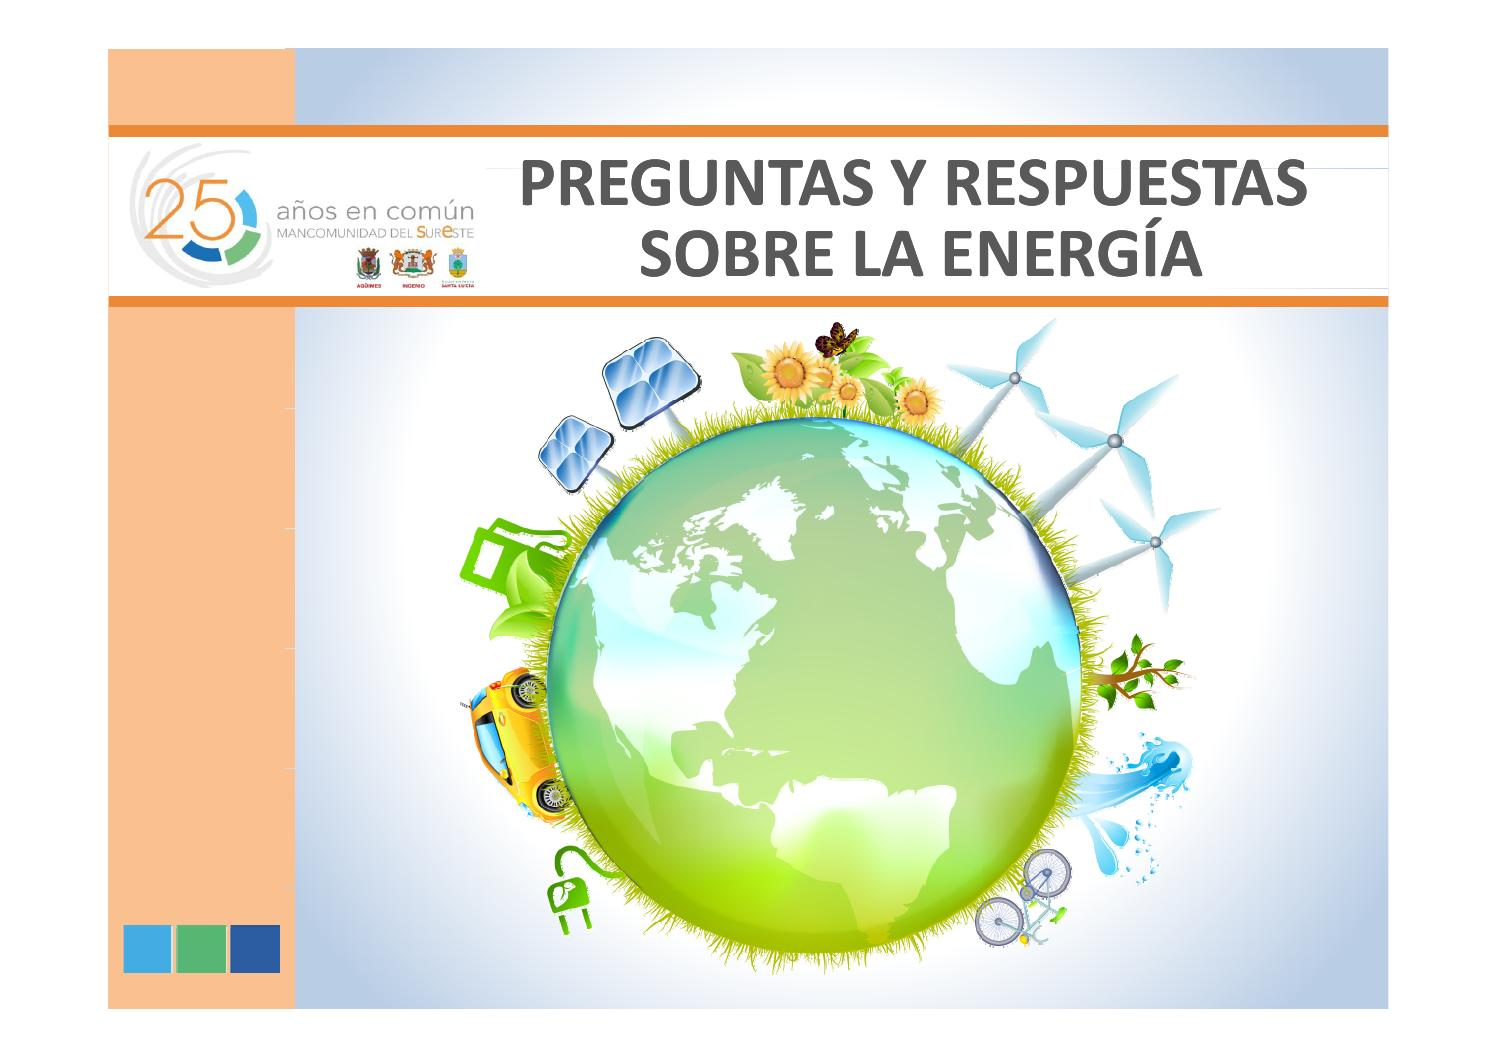 Preguntas Y Respuestas Sobre La Energía By Mancomunidad Intermunicipal Del Sureste De Gran Canaria Issuu